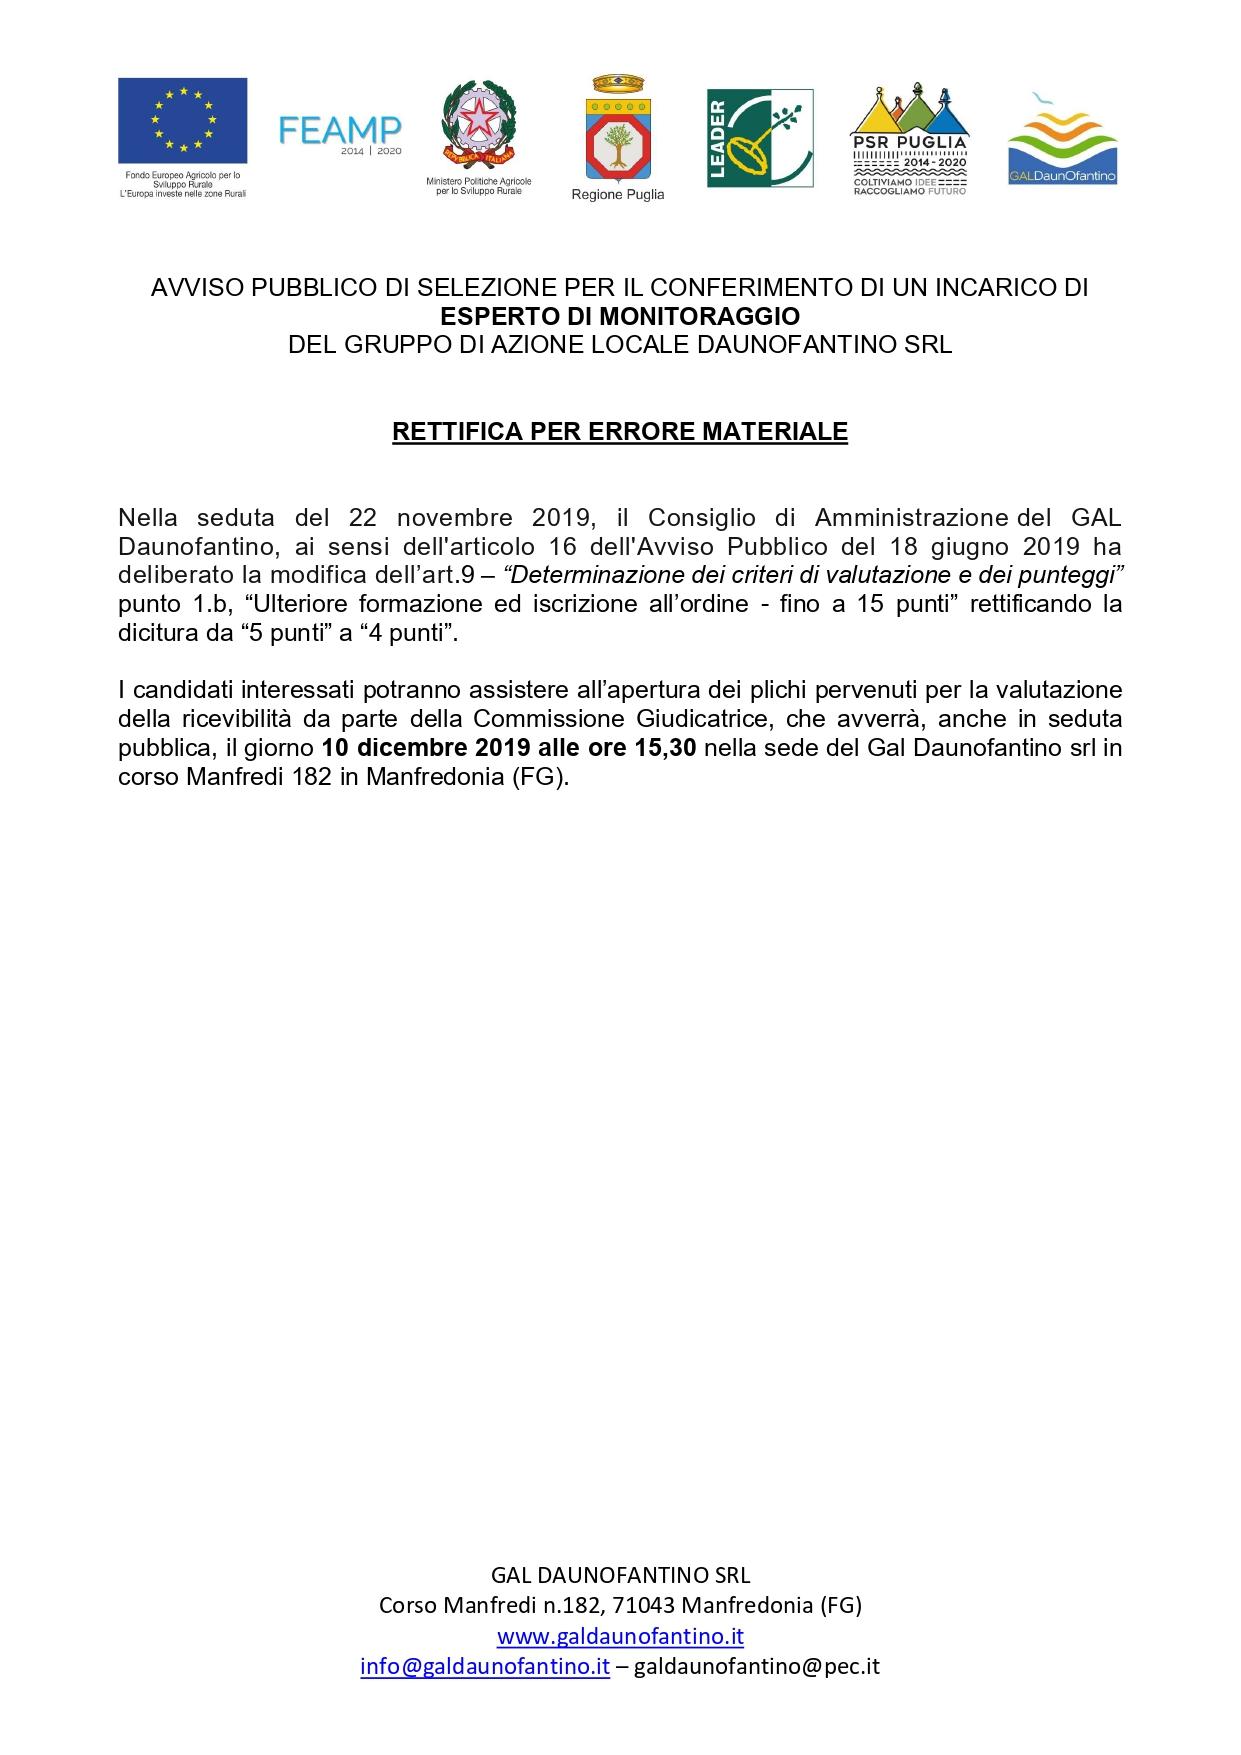 comunicazione rettifica bando monitore_nov2019_pages-to-jpg-0001